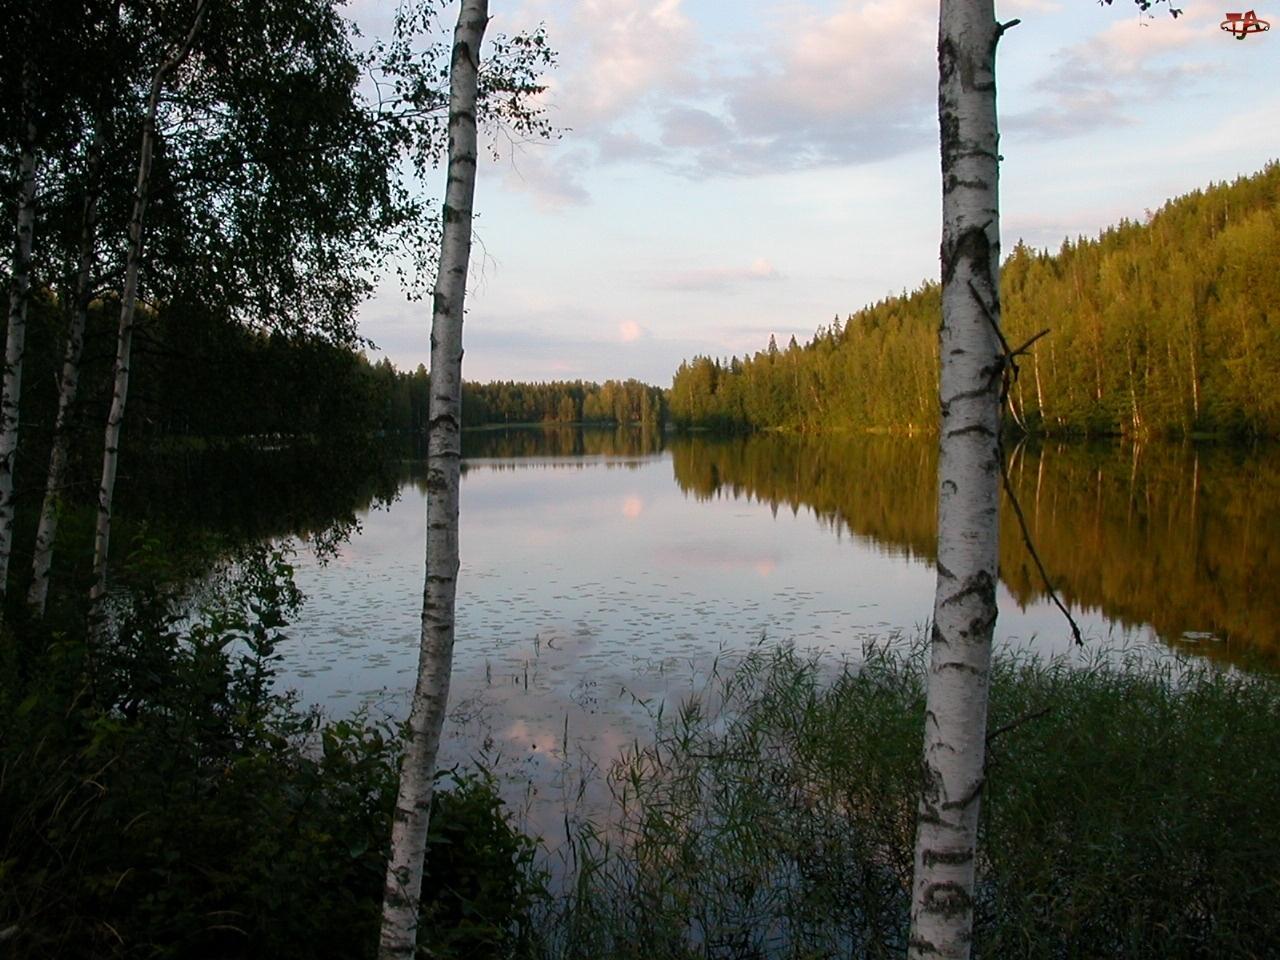 Drzewa, Las, Jezioro, Woda, Odbicie, Brzozy